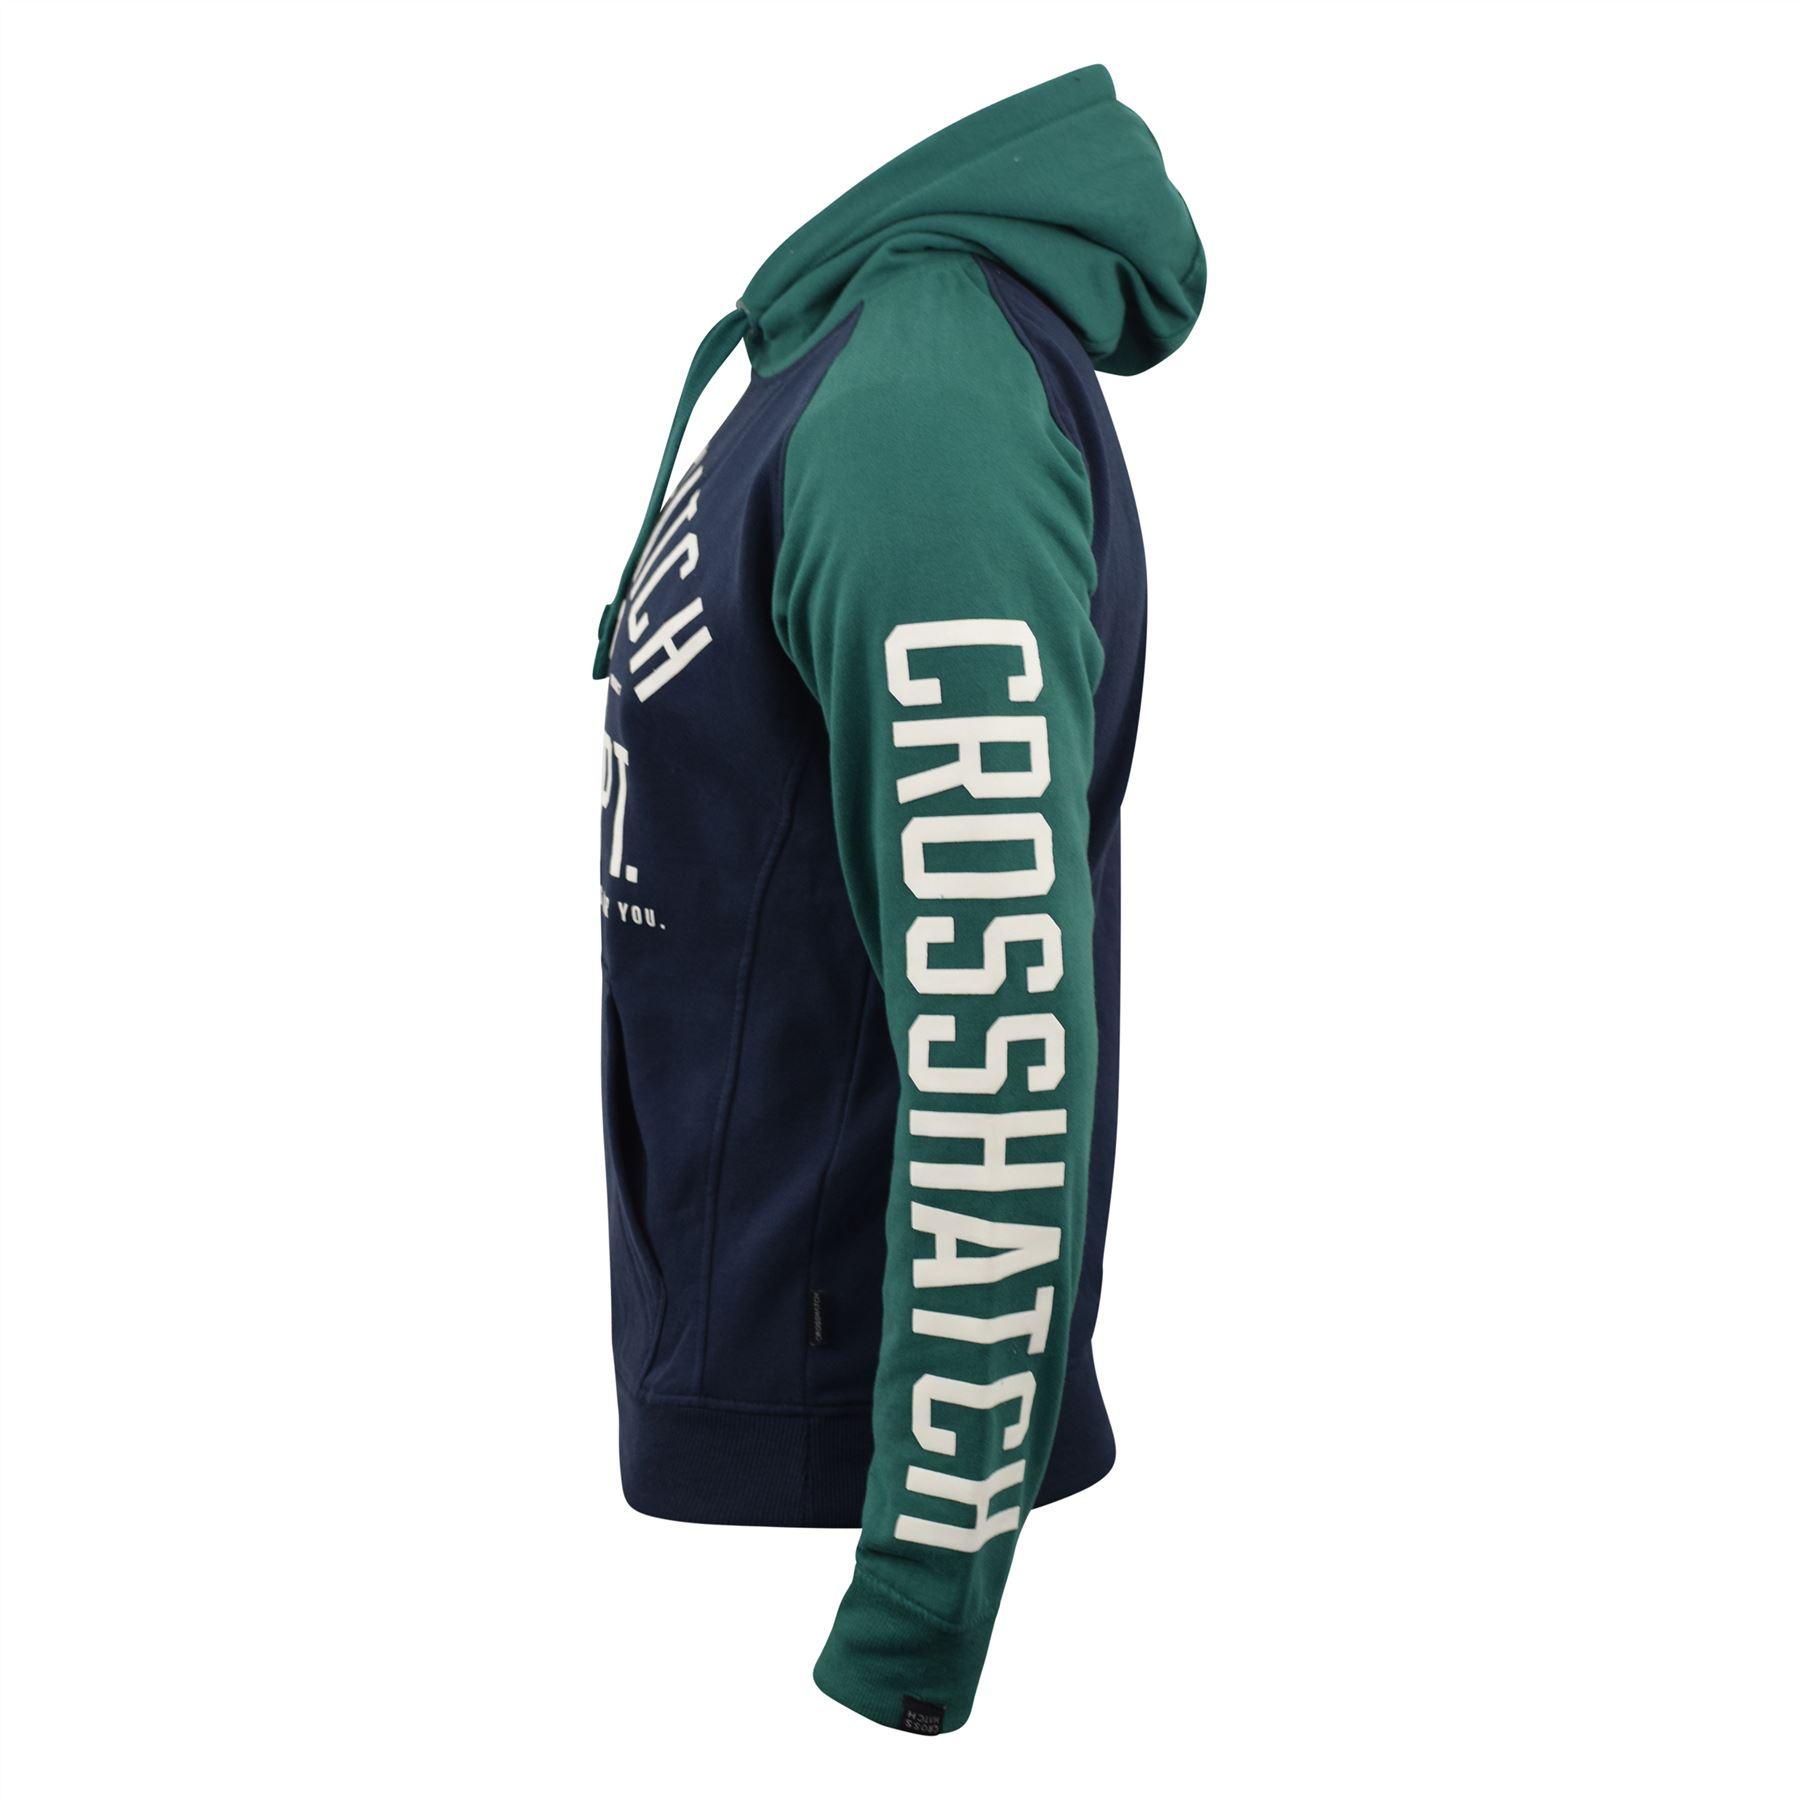 Mens-Hoodie-Crosshatch-Sweatshirt-Hooded-Jumper-Top-Pullover-TEMPTONS thumbnail 3